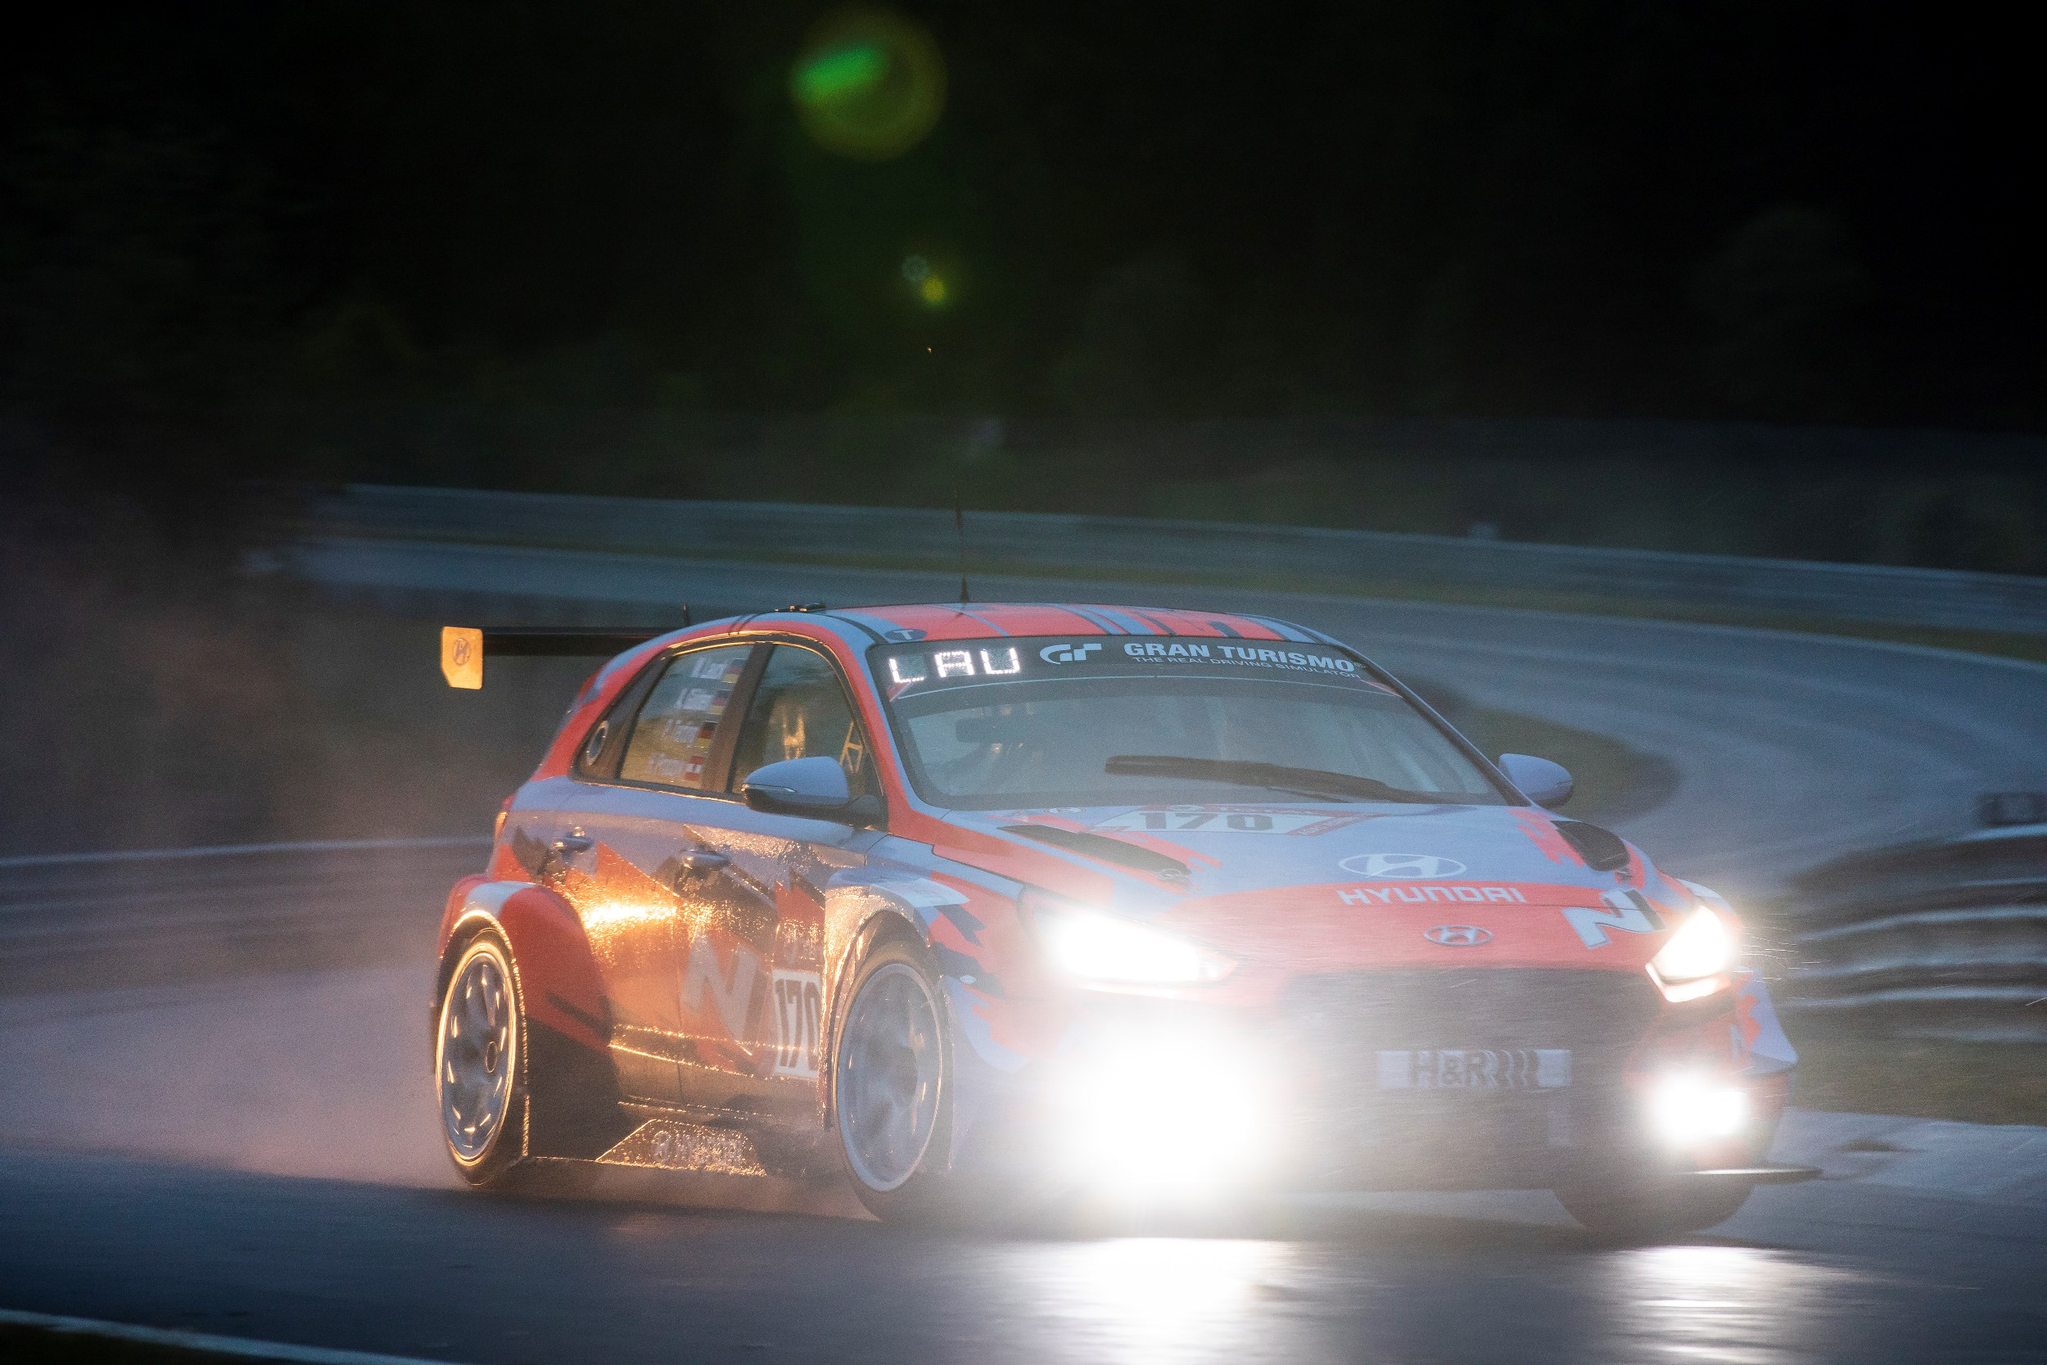 현대자동차 'i30 N TCR'이 지난 18~19일(현지시간) 독일 뉘르부르크링 서킷에서 열린 '뉘르부르크링 24시 내구레이스' 예선전에서 역주하고 있다.